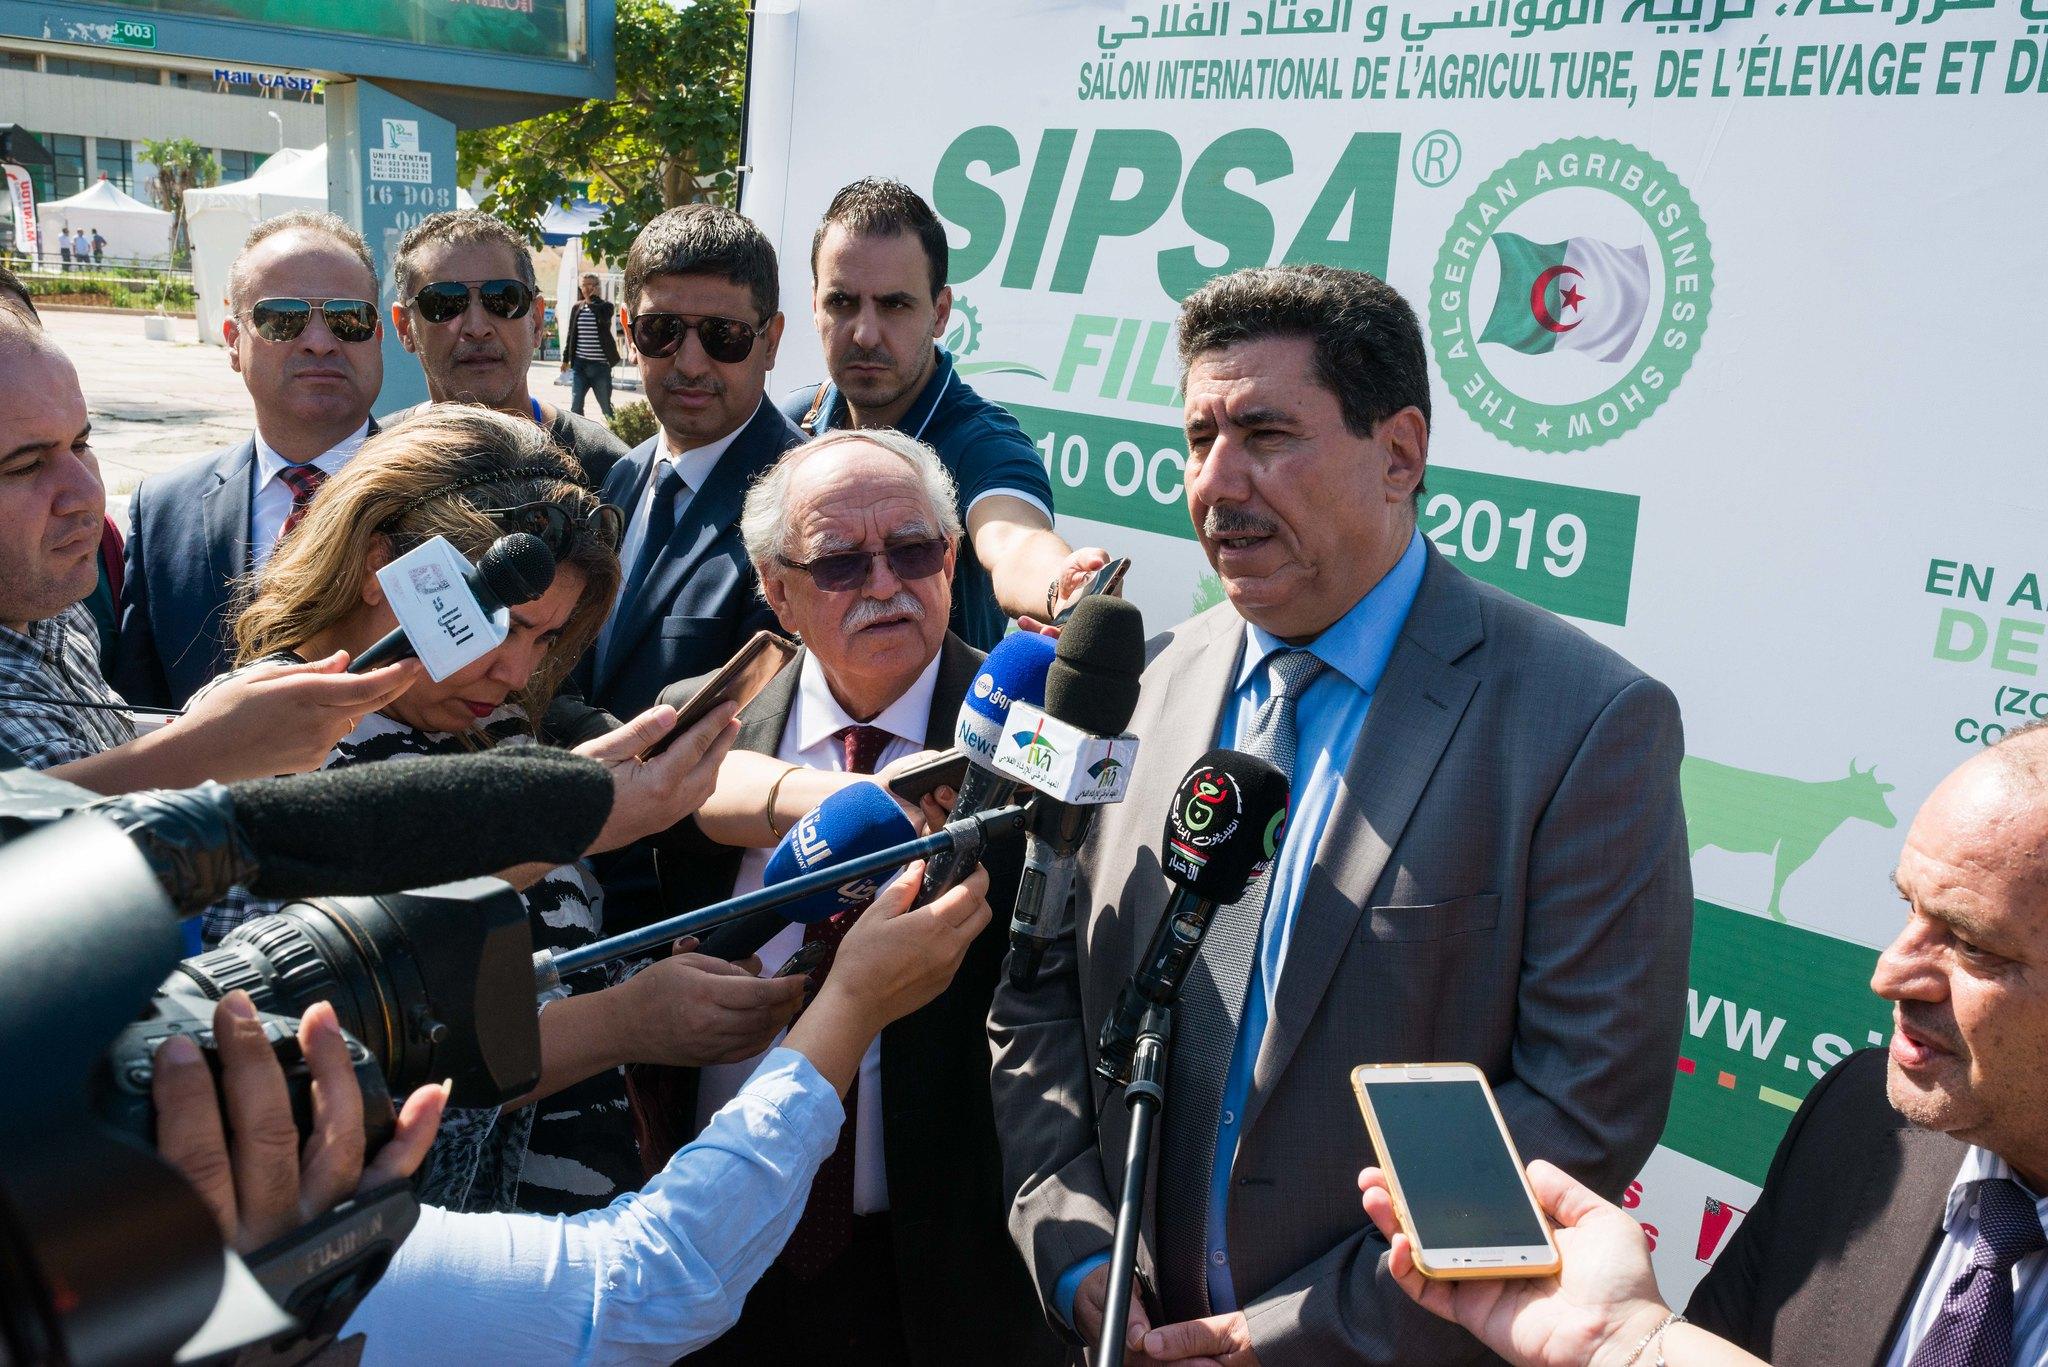 SIPSA-FILAHA 2019 - Inauguration